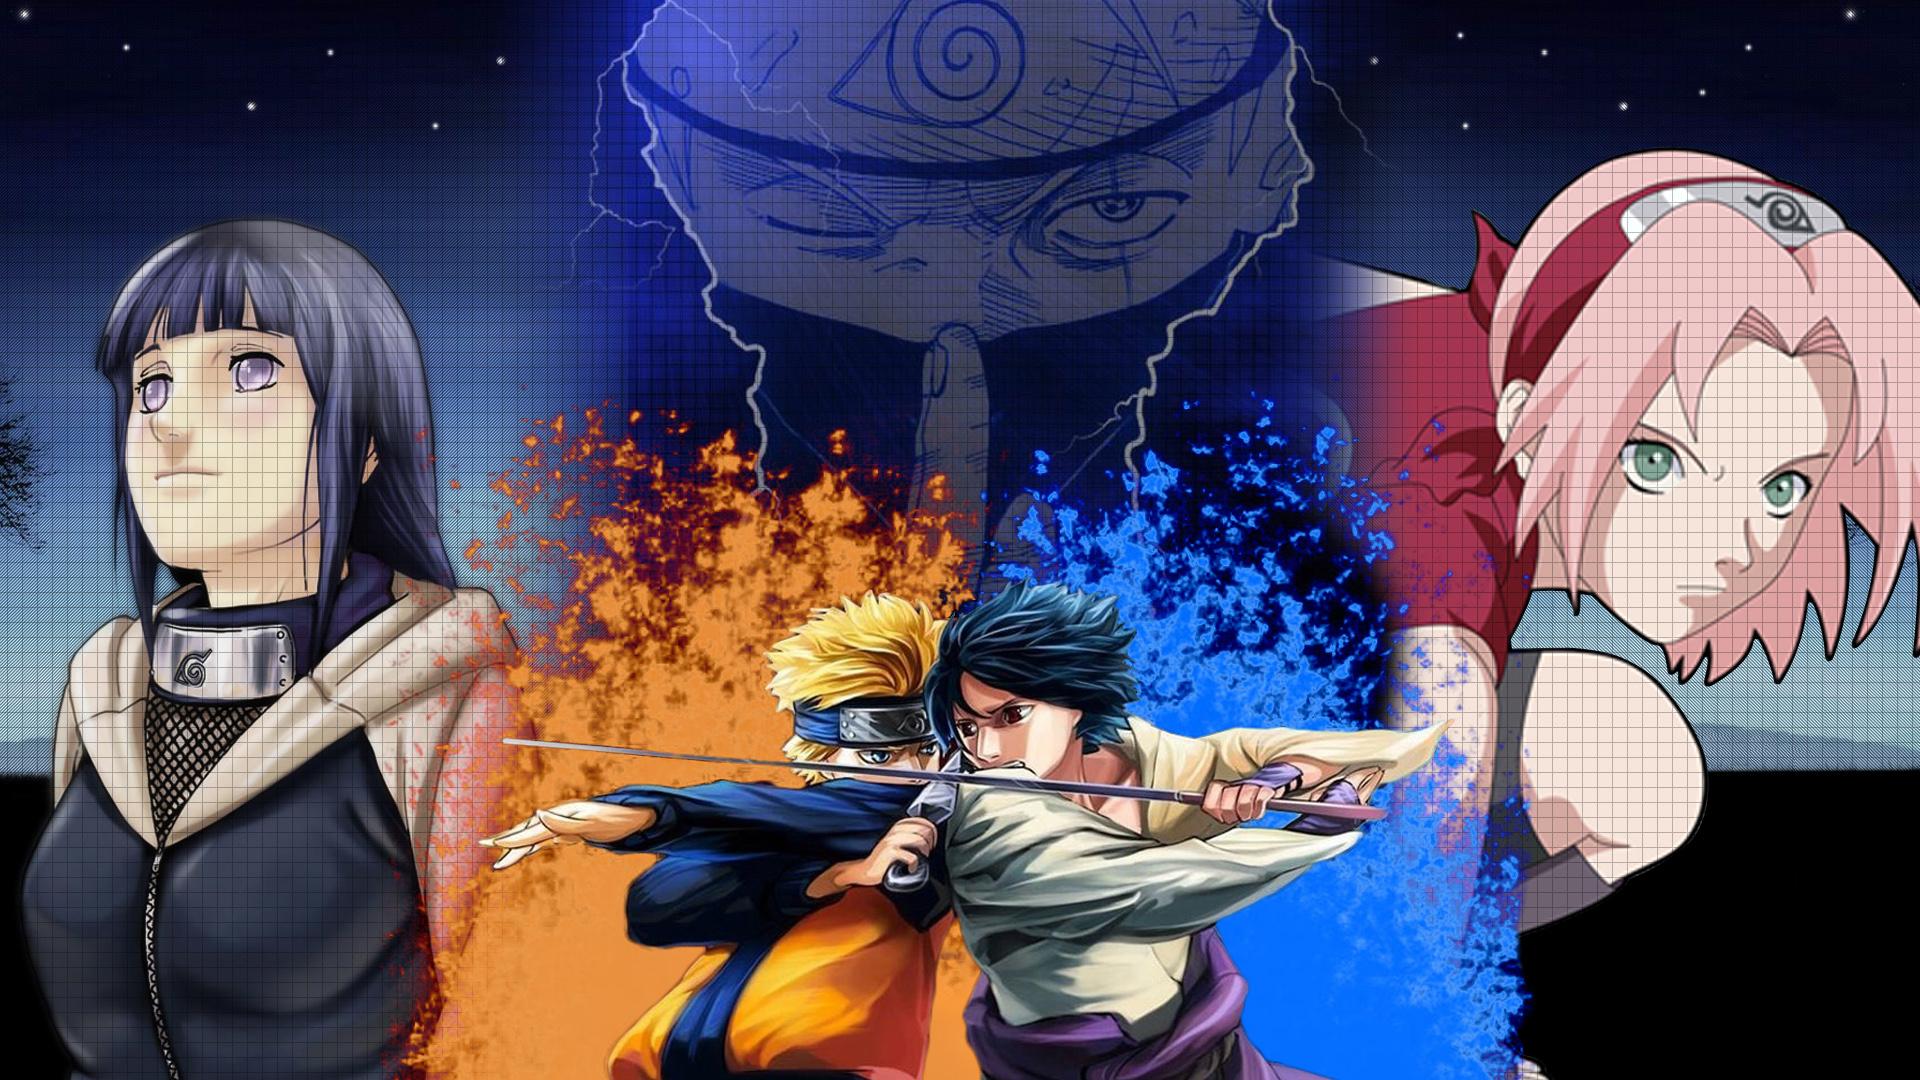 Free Download Hinata Naruto Sasuke Sakura Kakashi Wallpaper